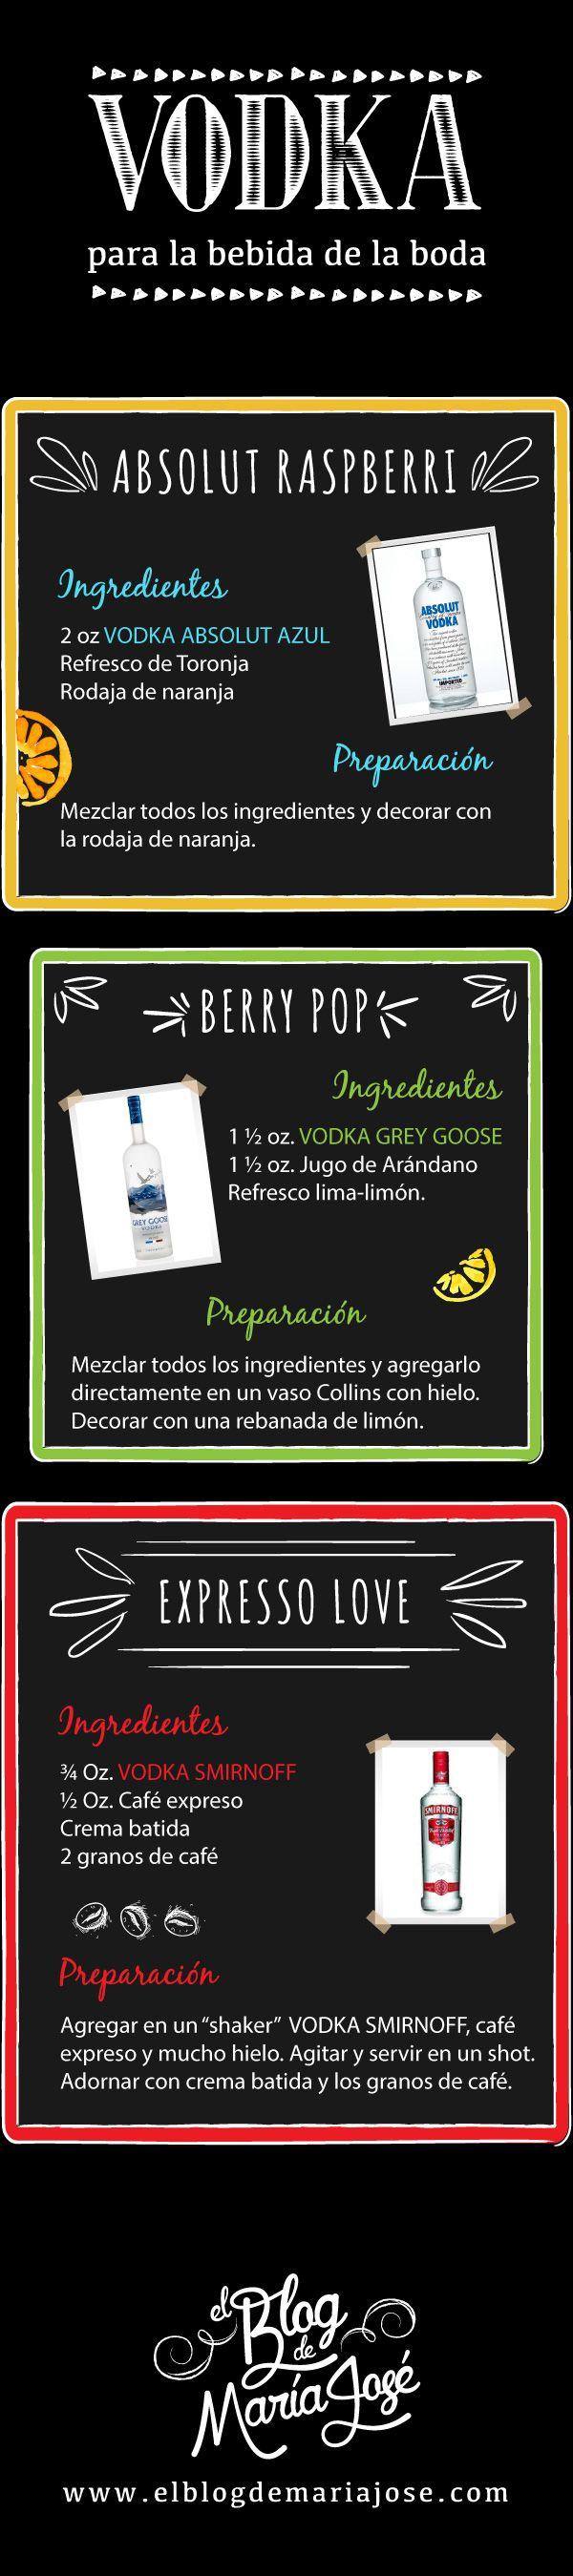 Vodka para la bebida de la boda #bodas #ElBlogdeMaríaJosé #BebidaBoda #Vodka #Cocktails